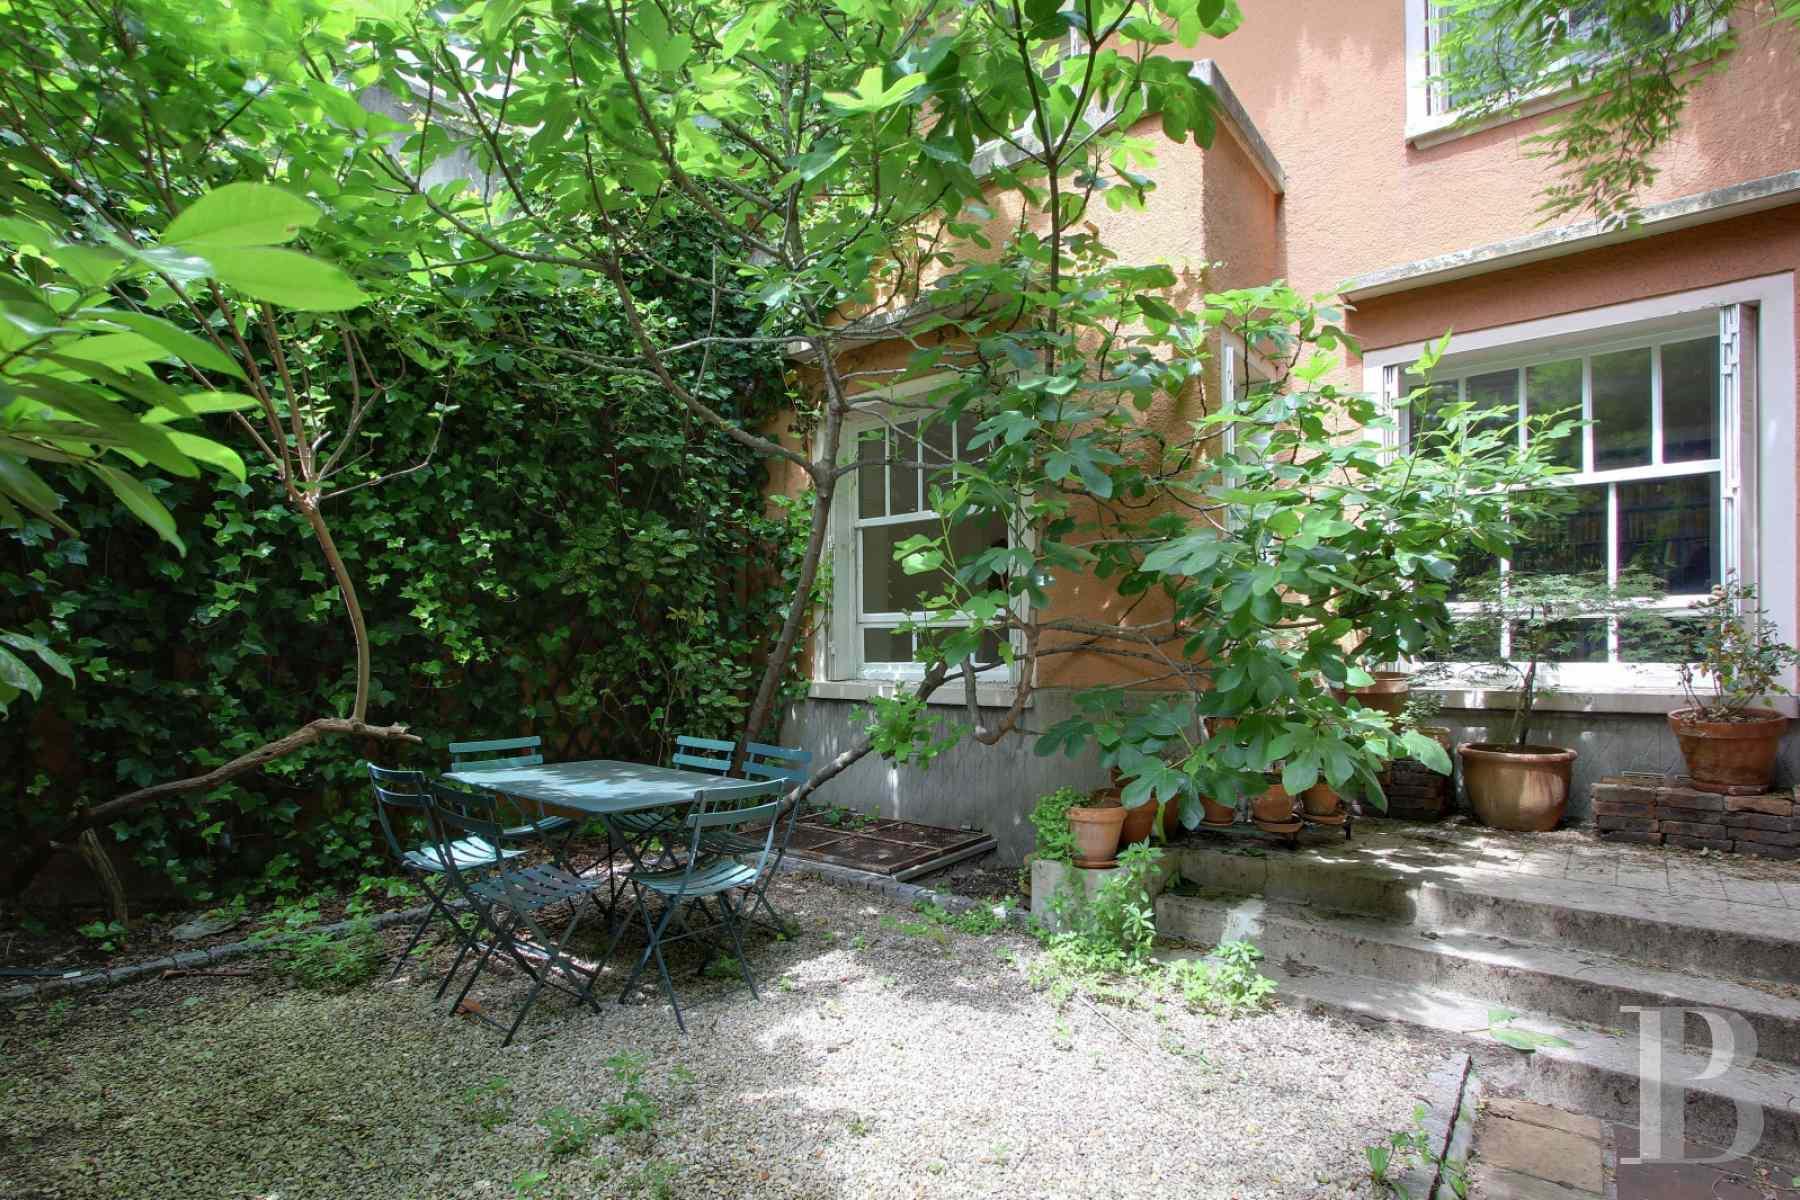 Quartier vert de paris 14 me dans une impasse inscrite mh for Agence immobiliere specialisee terrasse paris